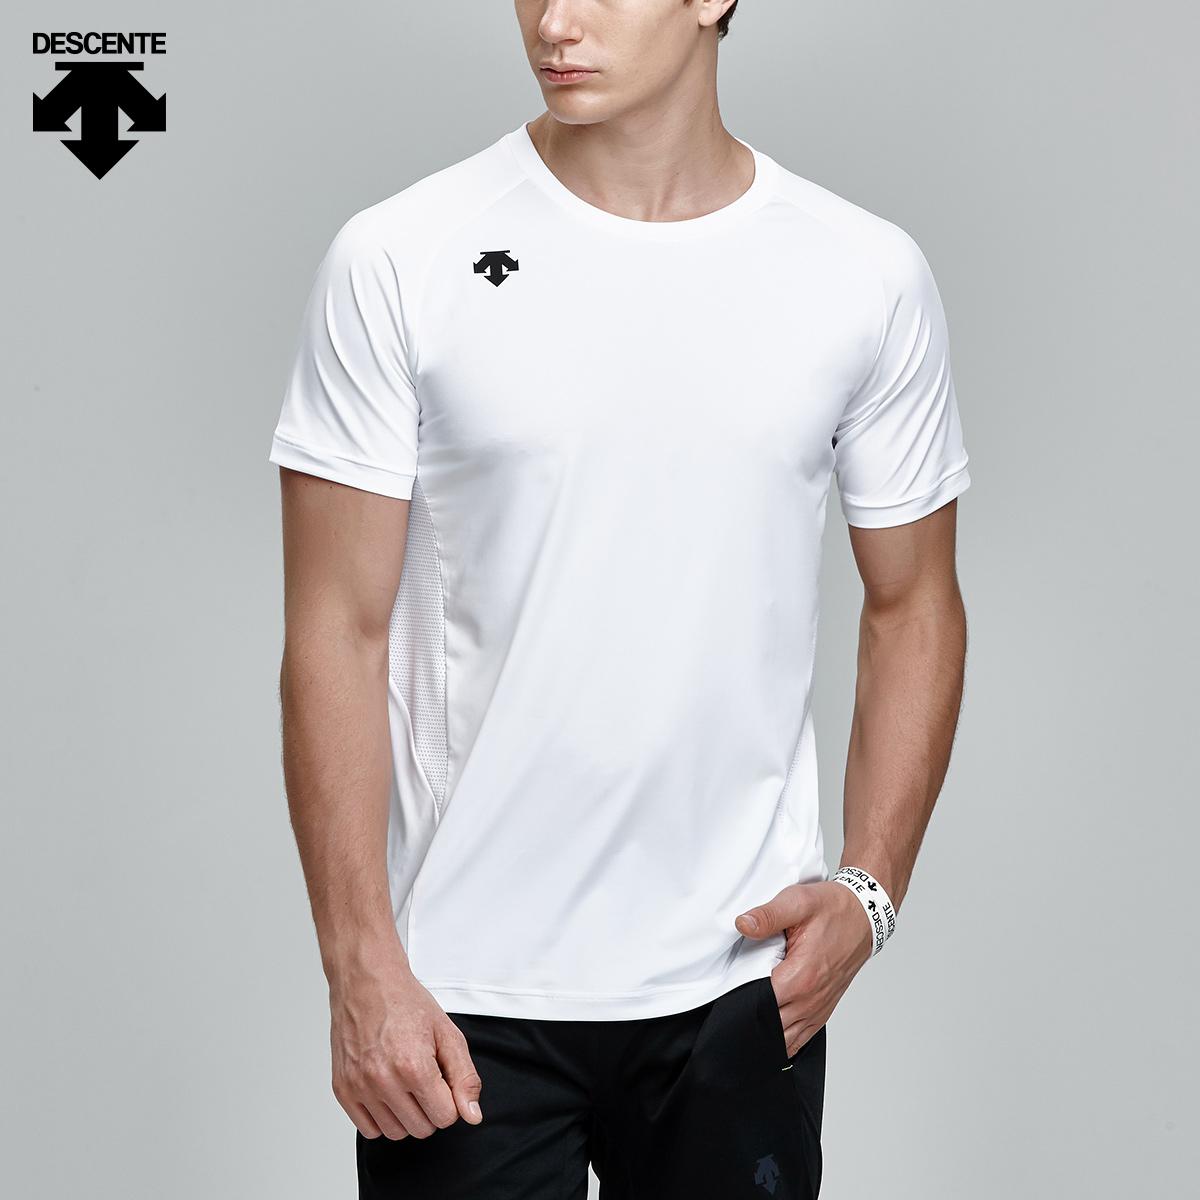 DESCENTE迪桑特 BASIC系列 男子短袖针织T恤 D7231ITS53